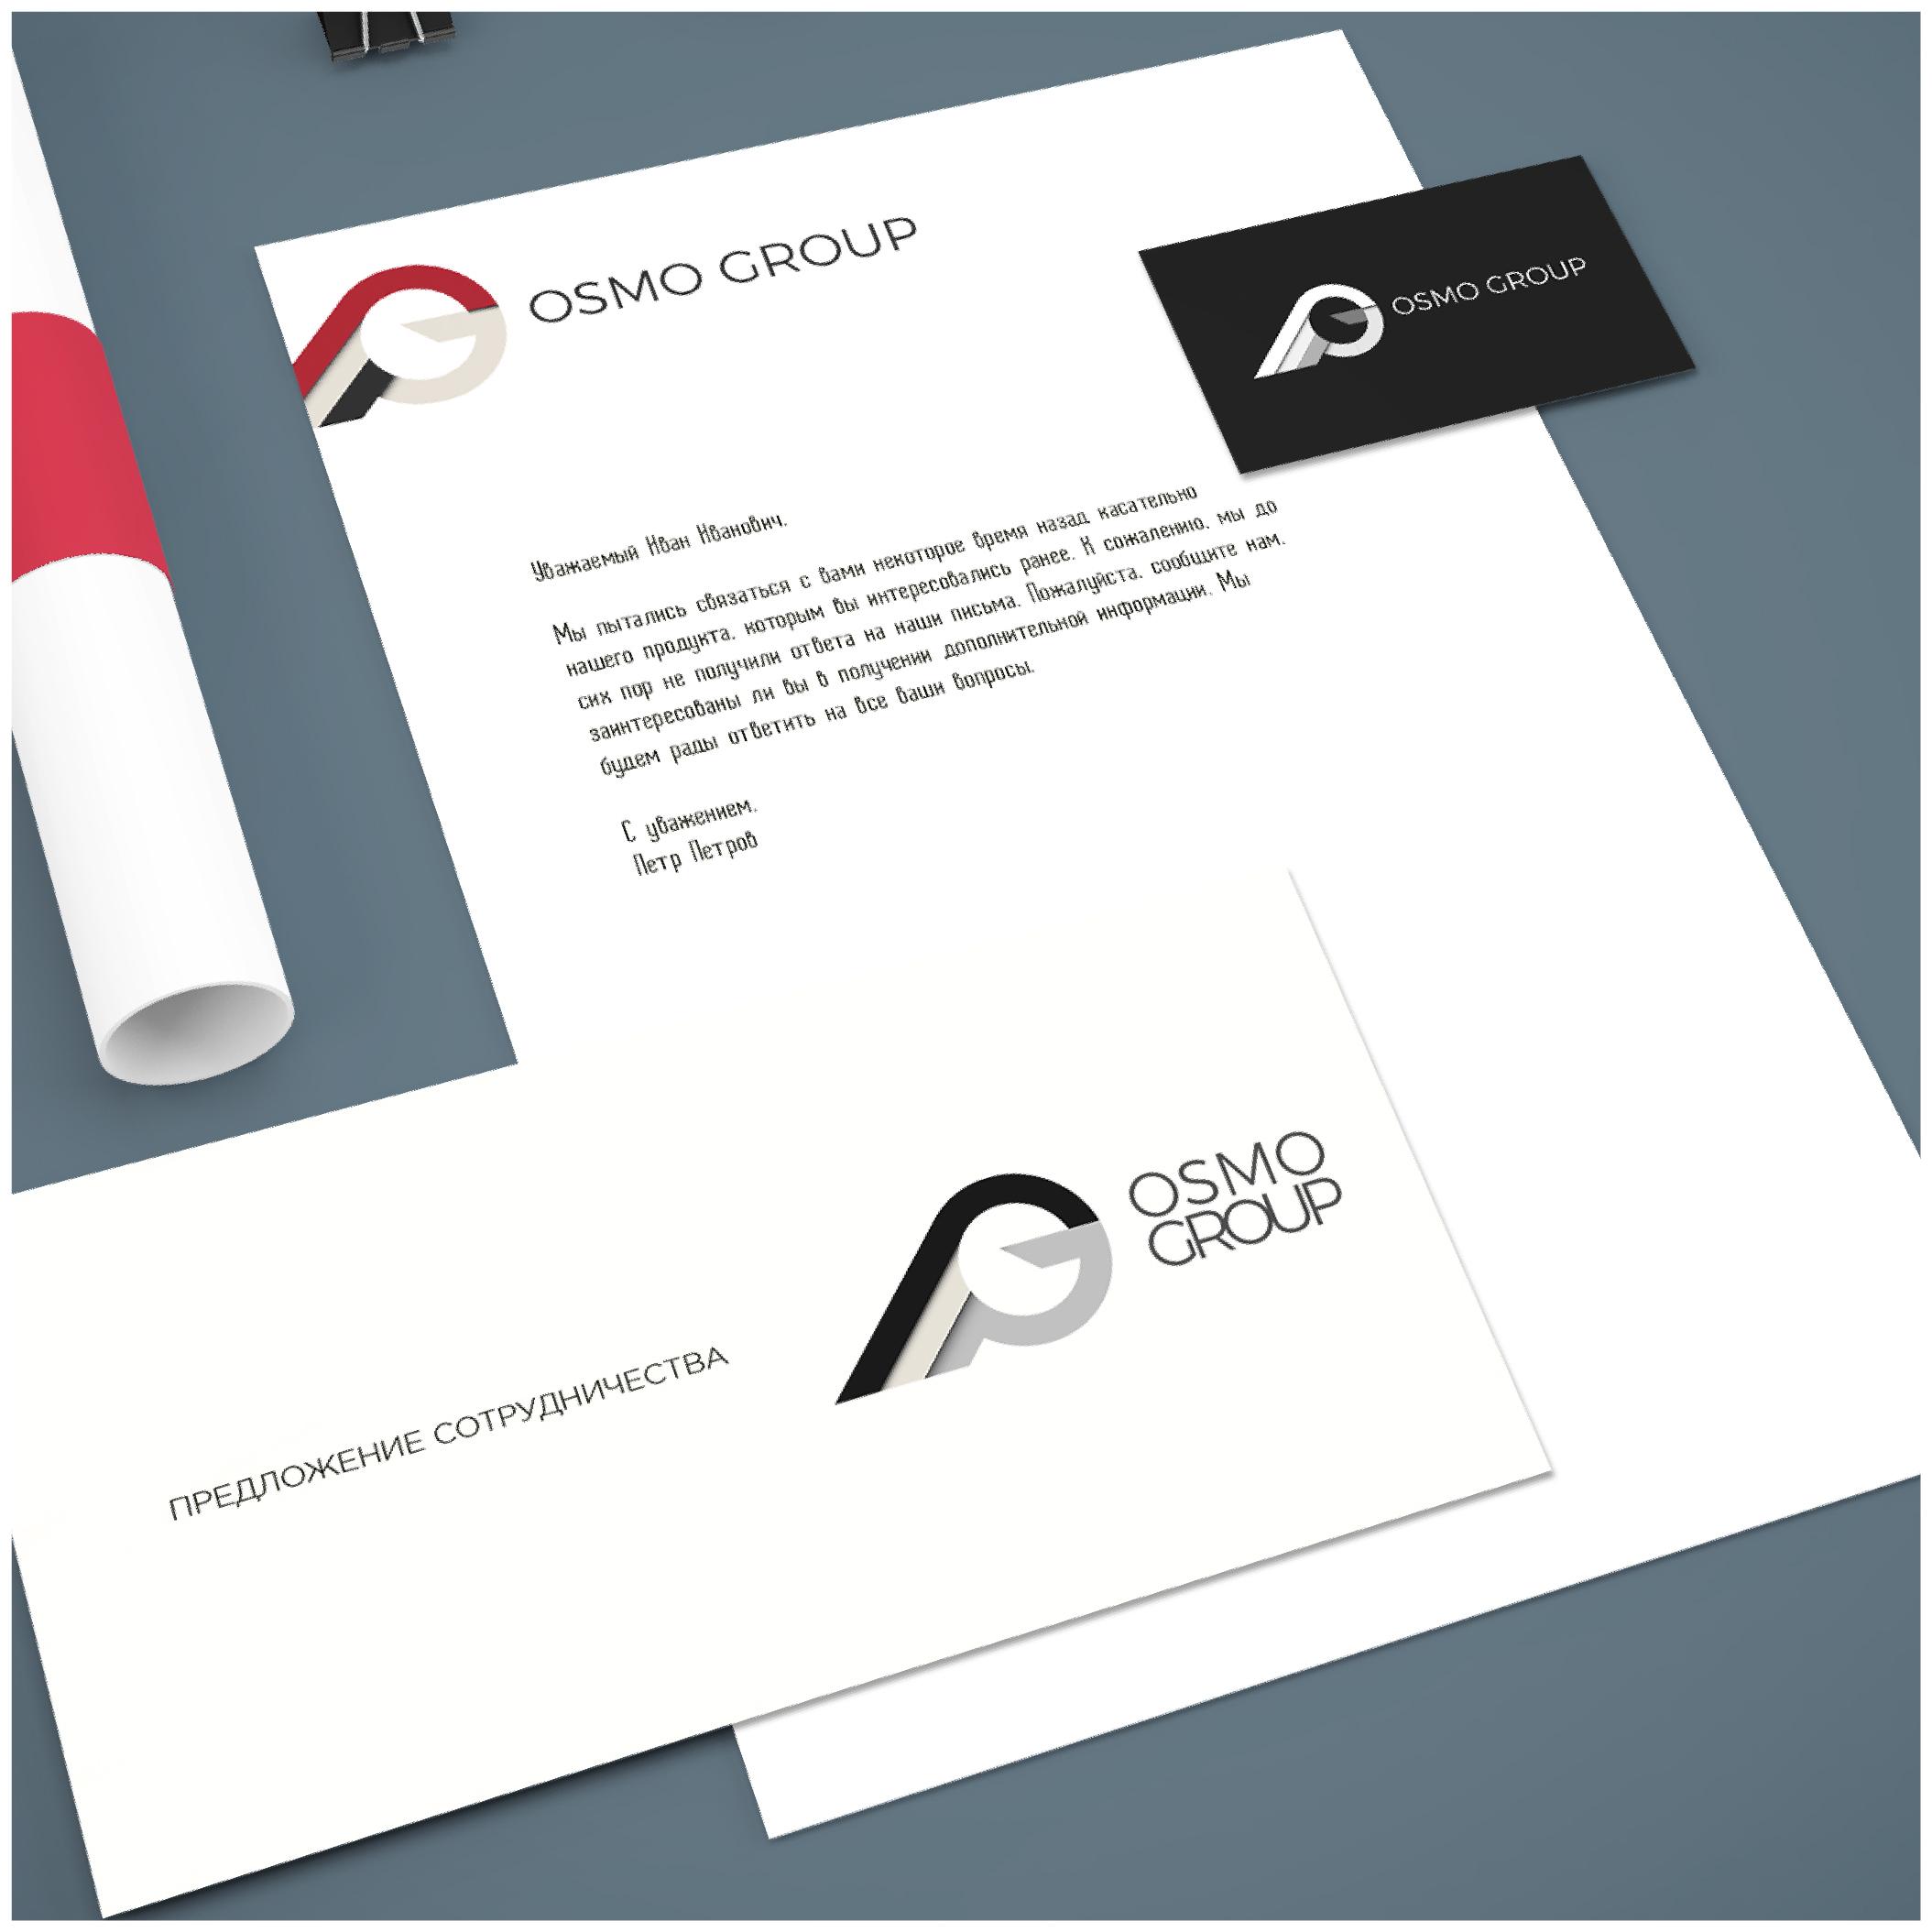 Создание логотипа для строительной компании OSMO group  фото f_51959b5a8c7c20ae.jpg